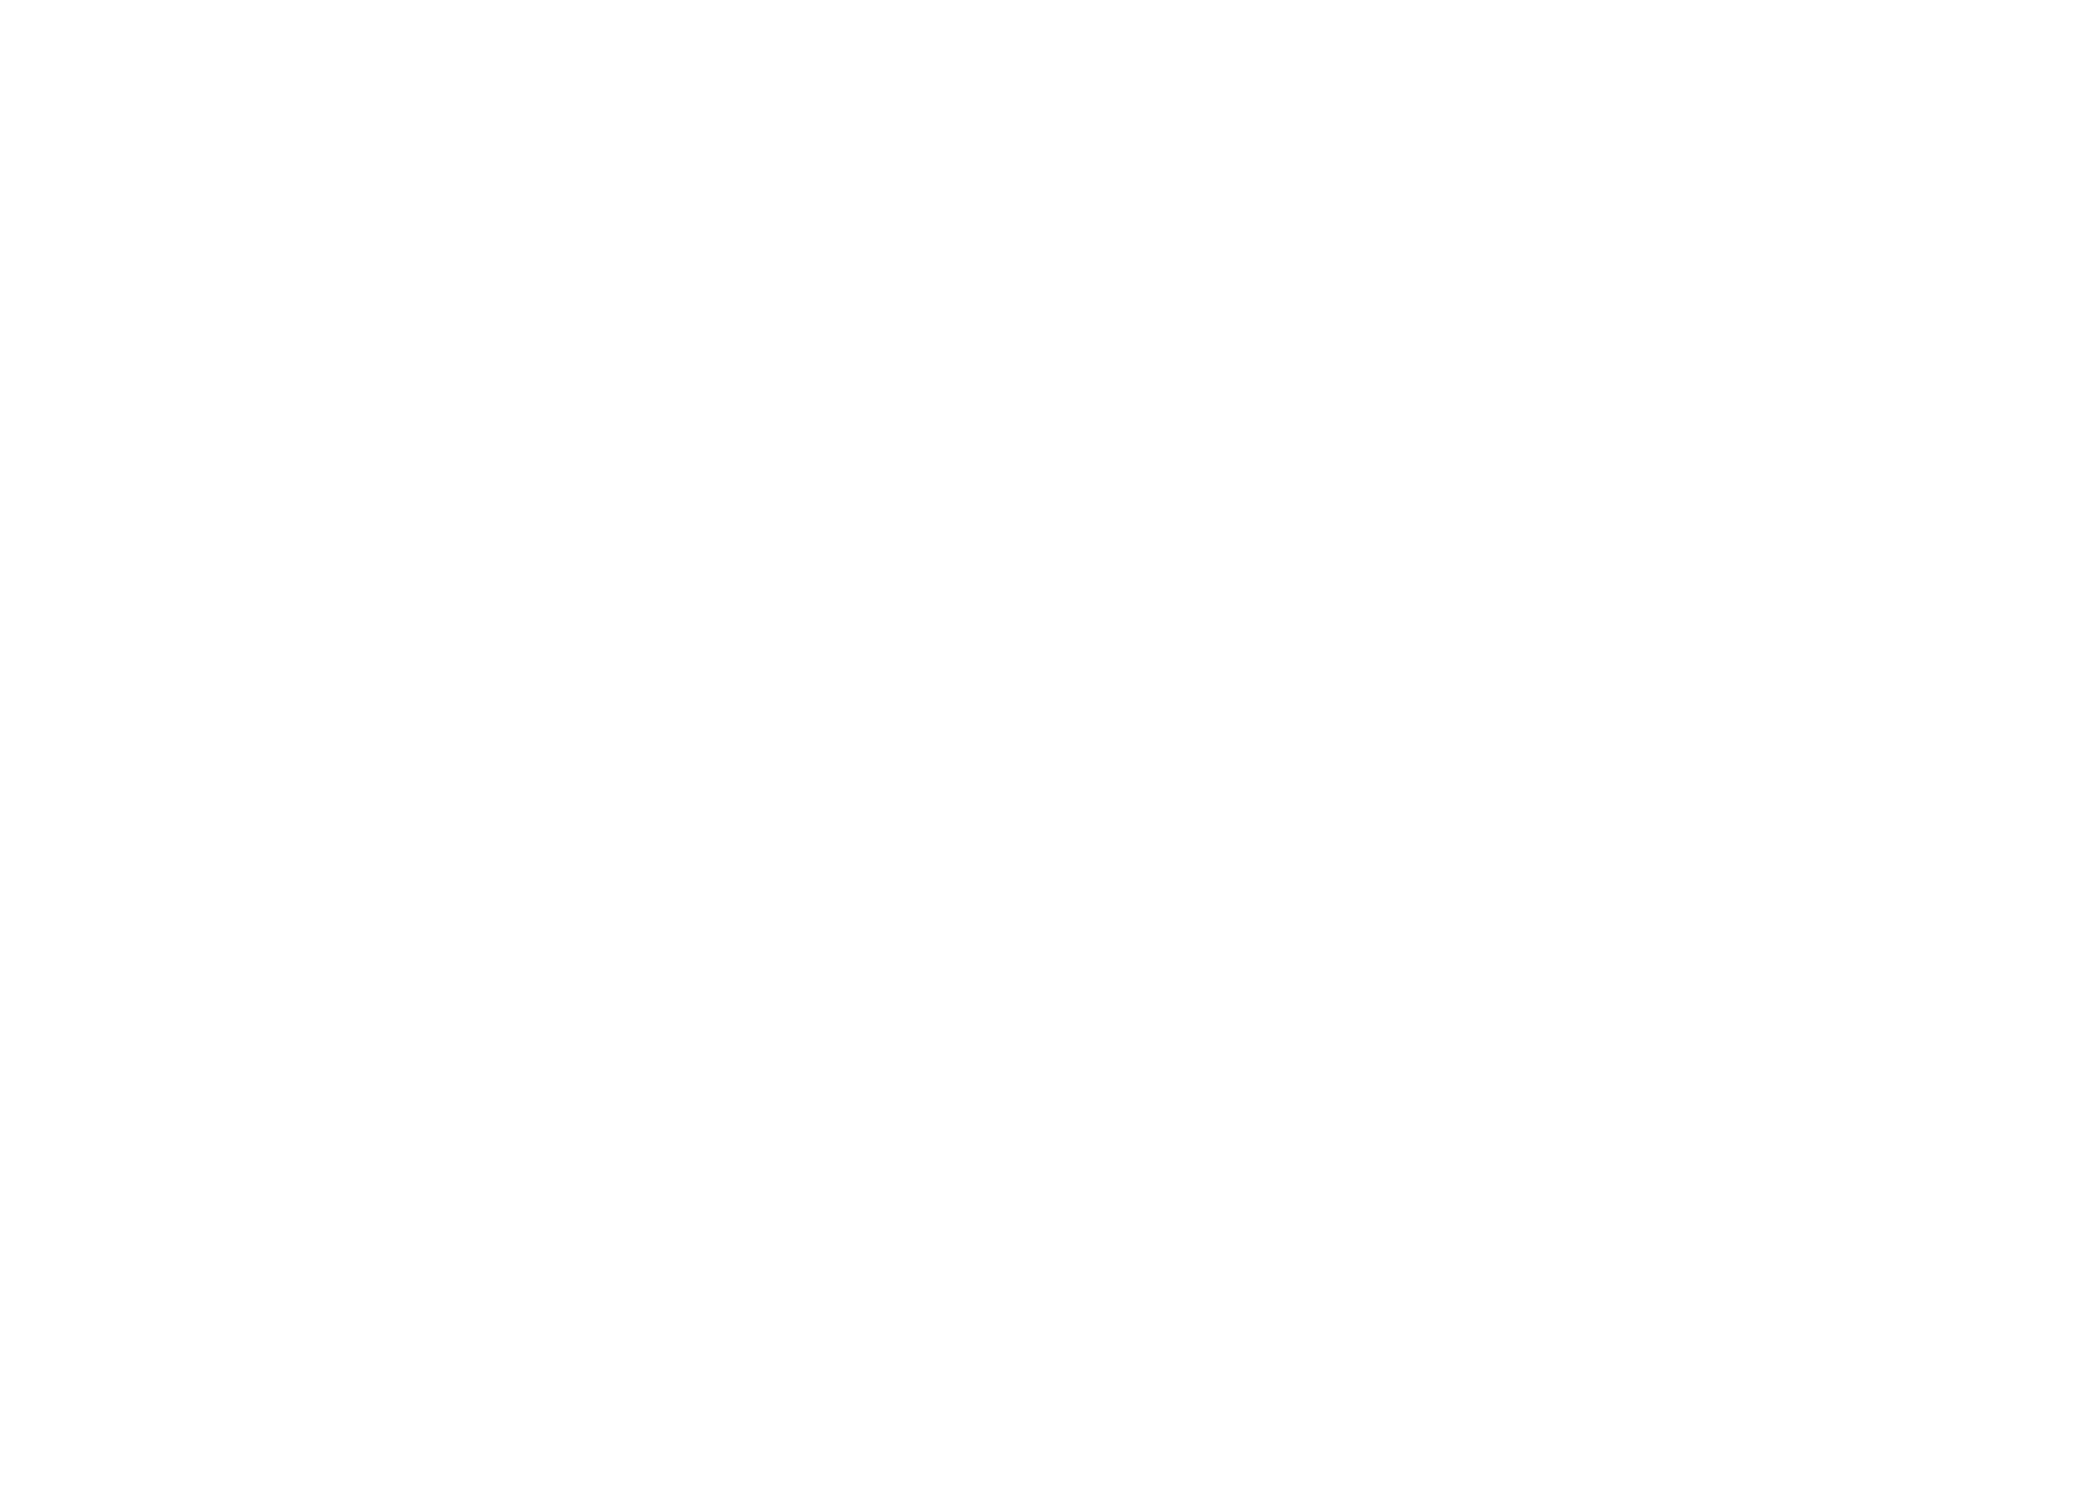 VorgedSociety